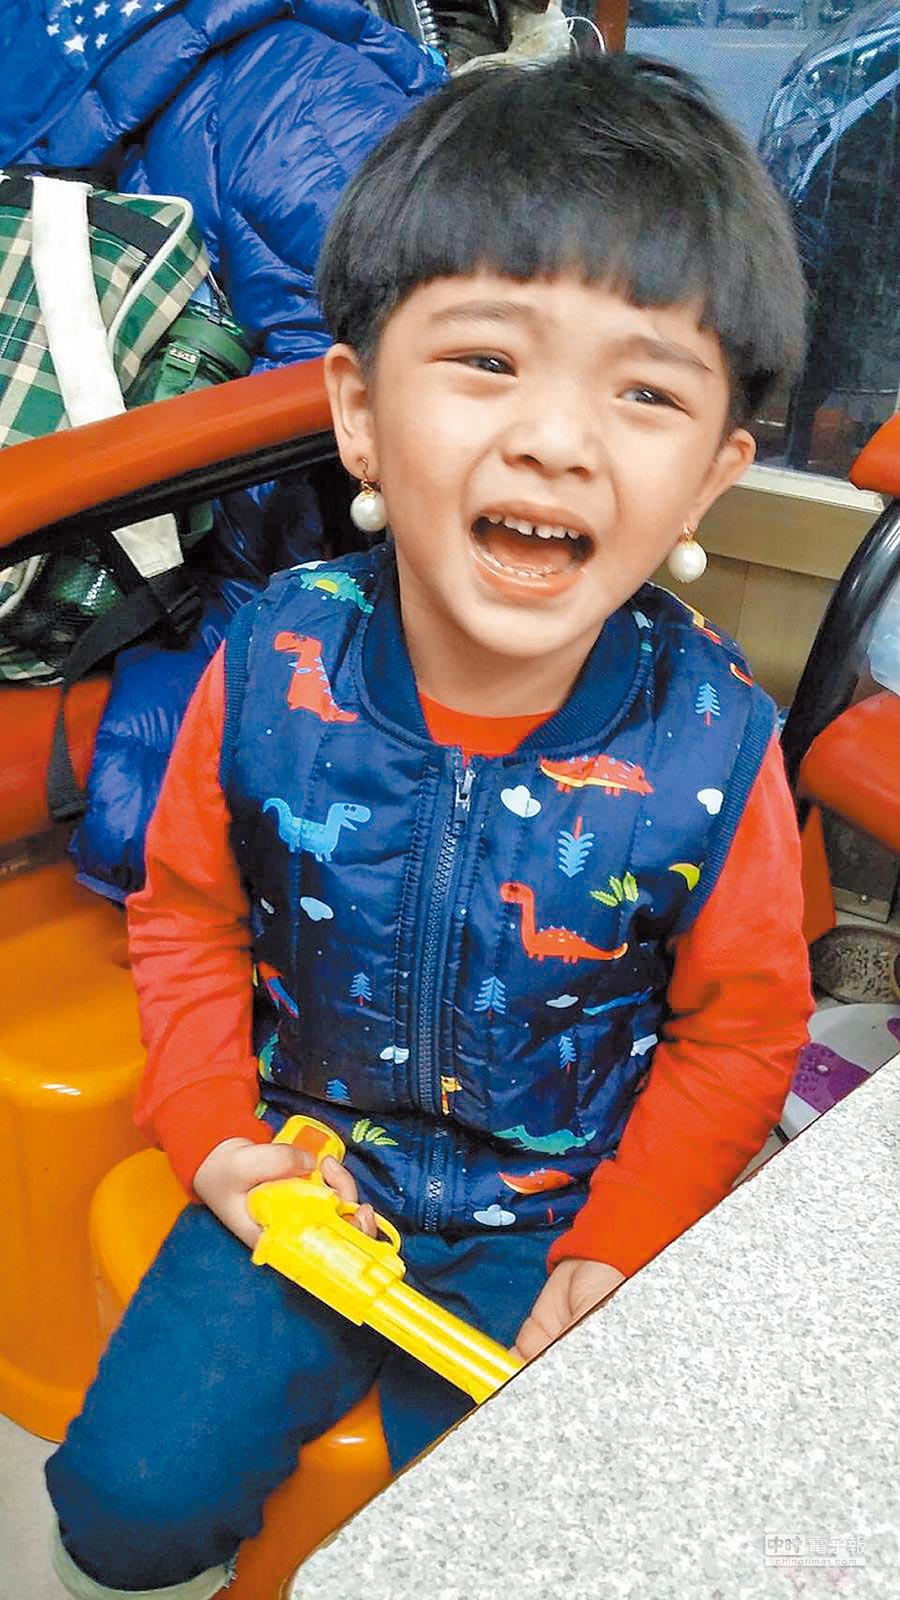 黃妃3歲兒模樣可愛,會模仿媽媽戴夾式耳環,逗樂全家。